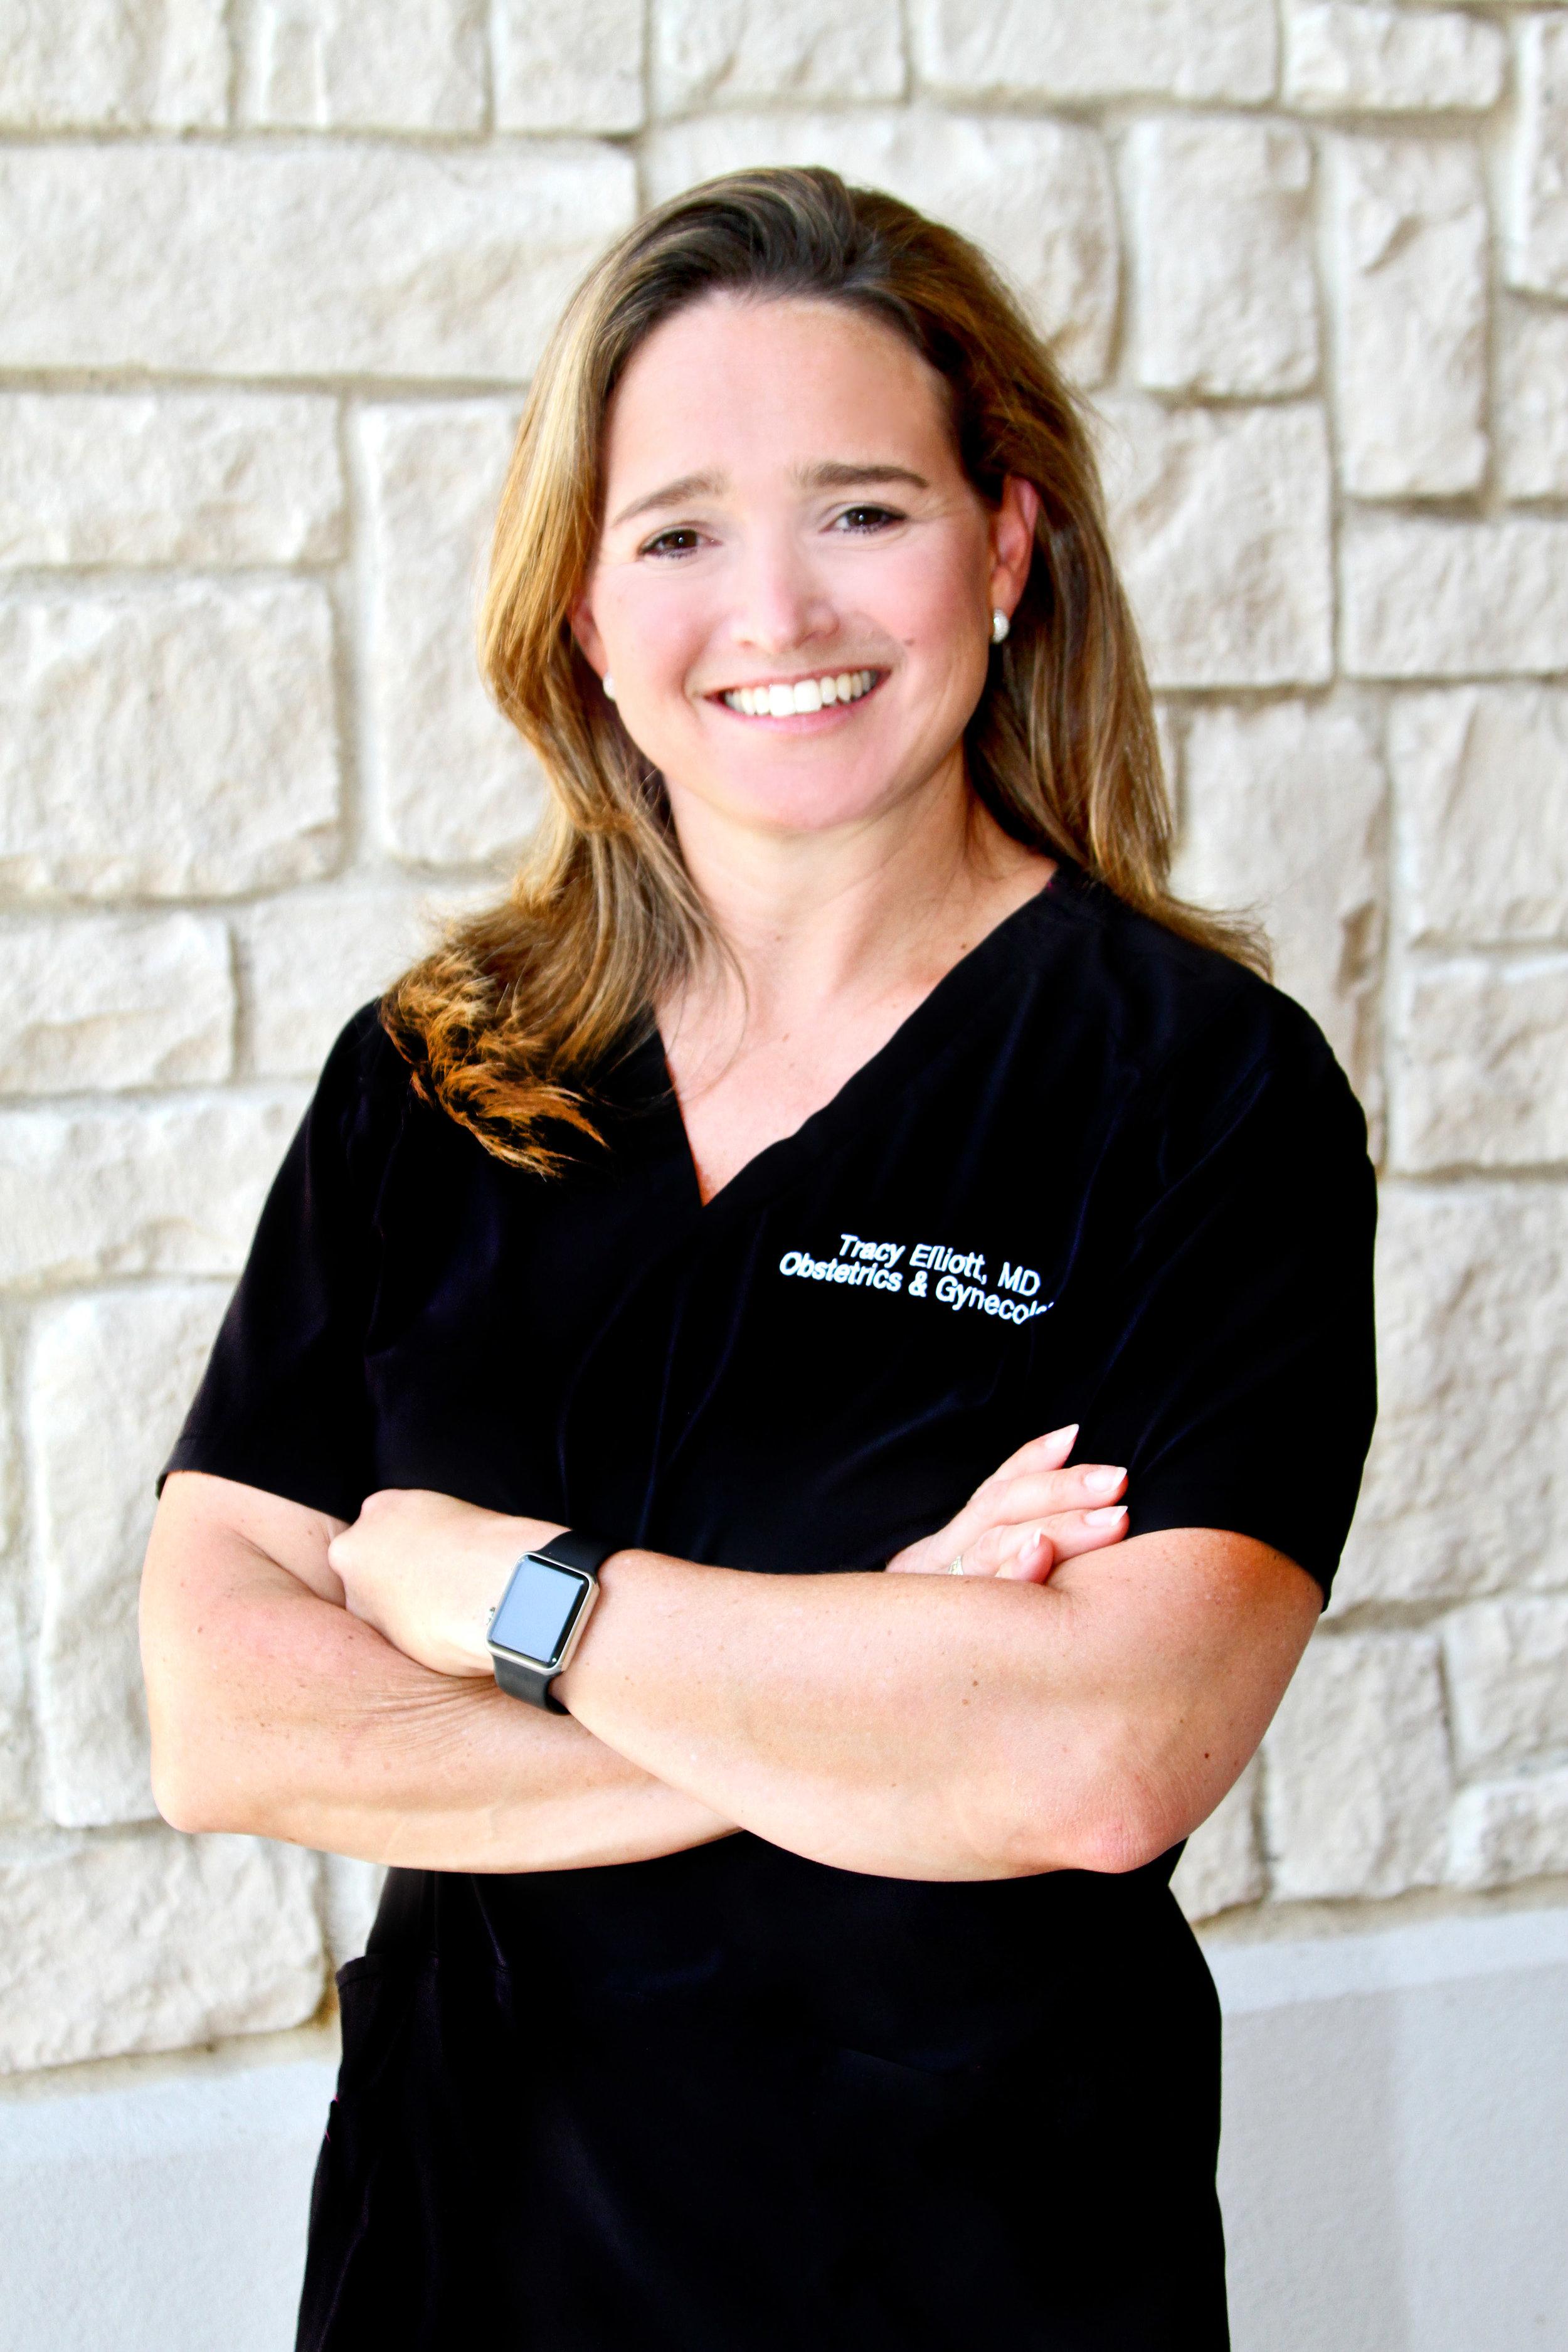 Dr. Tracy Elliott MD